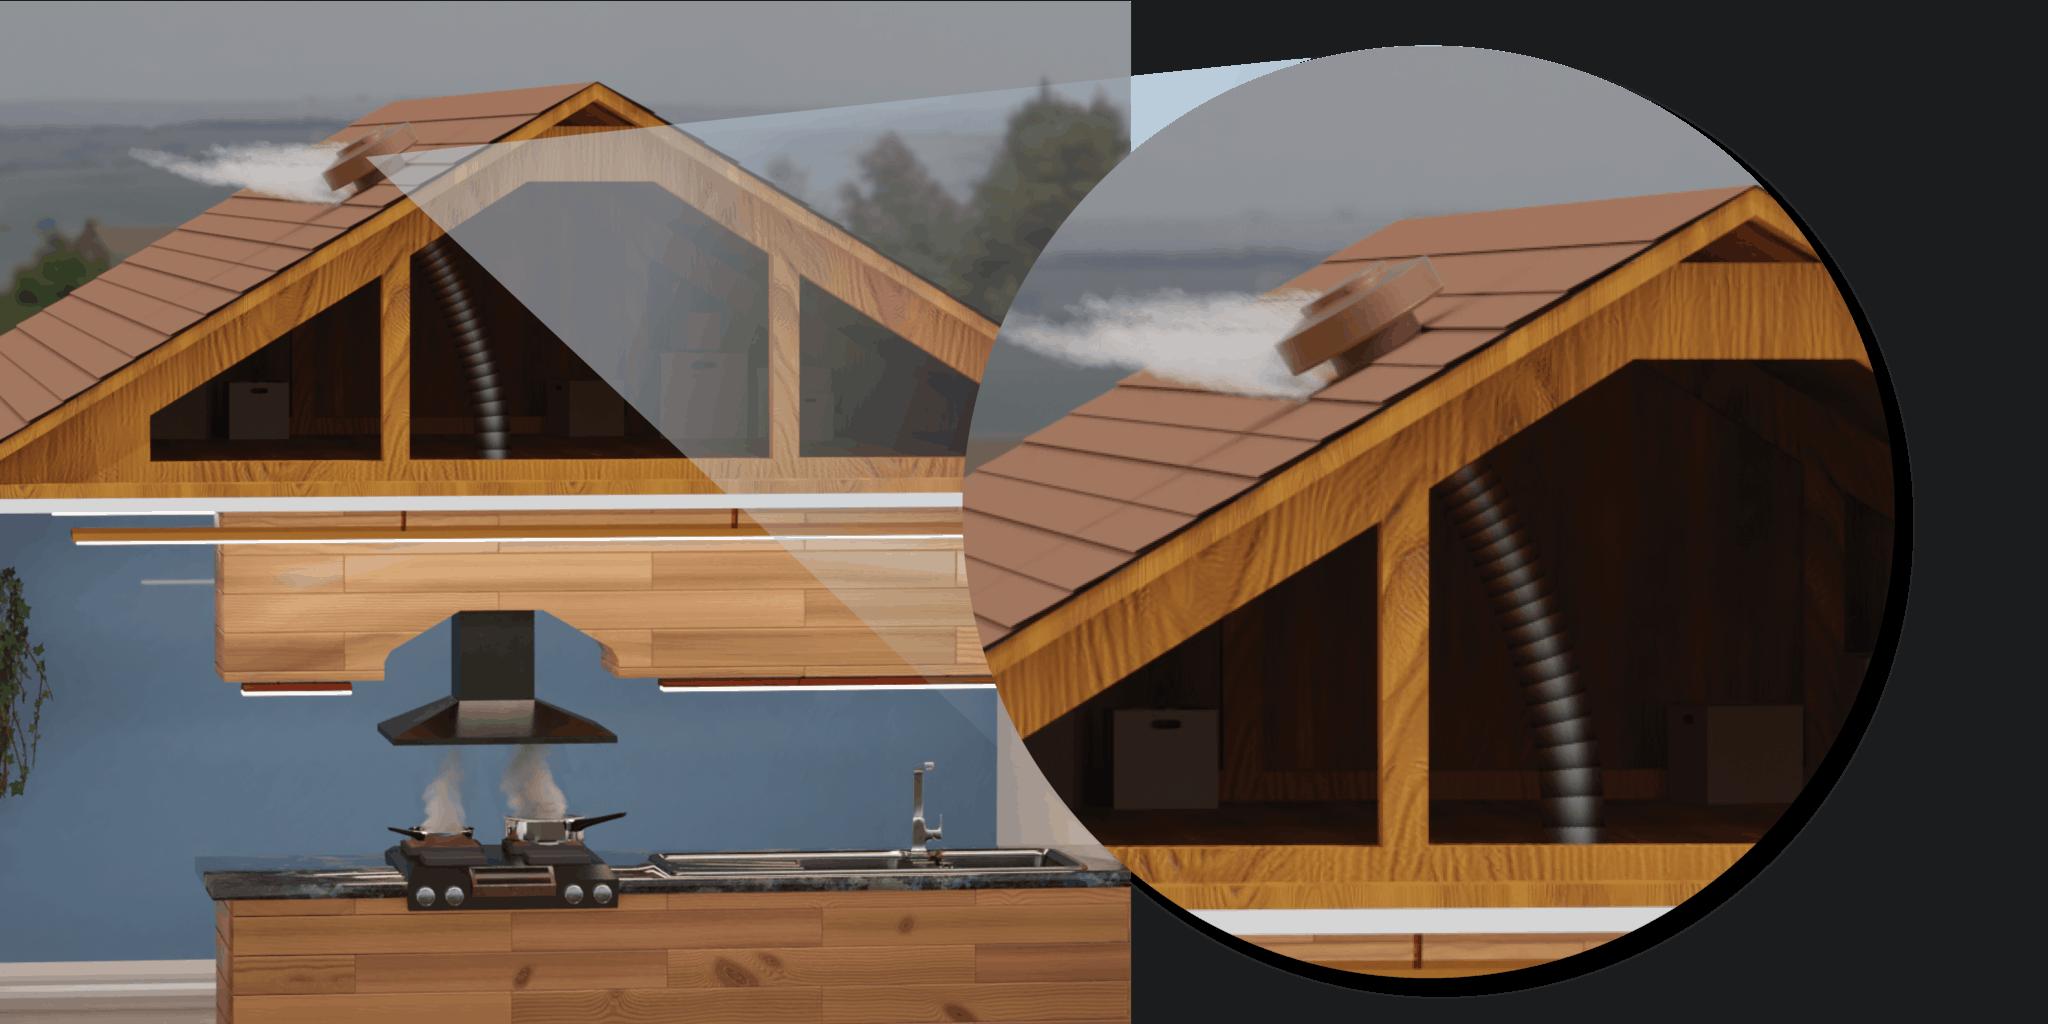 Roof Jack Exhaust Diagram